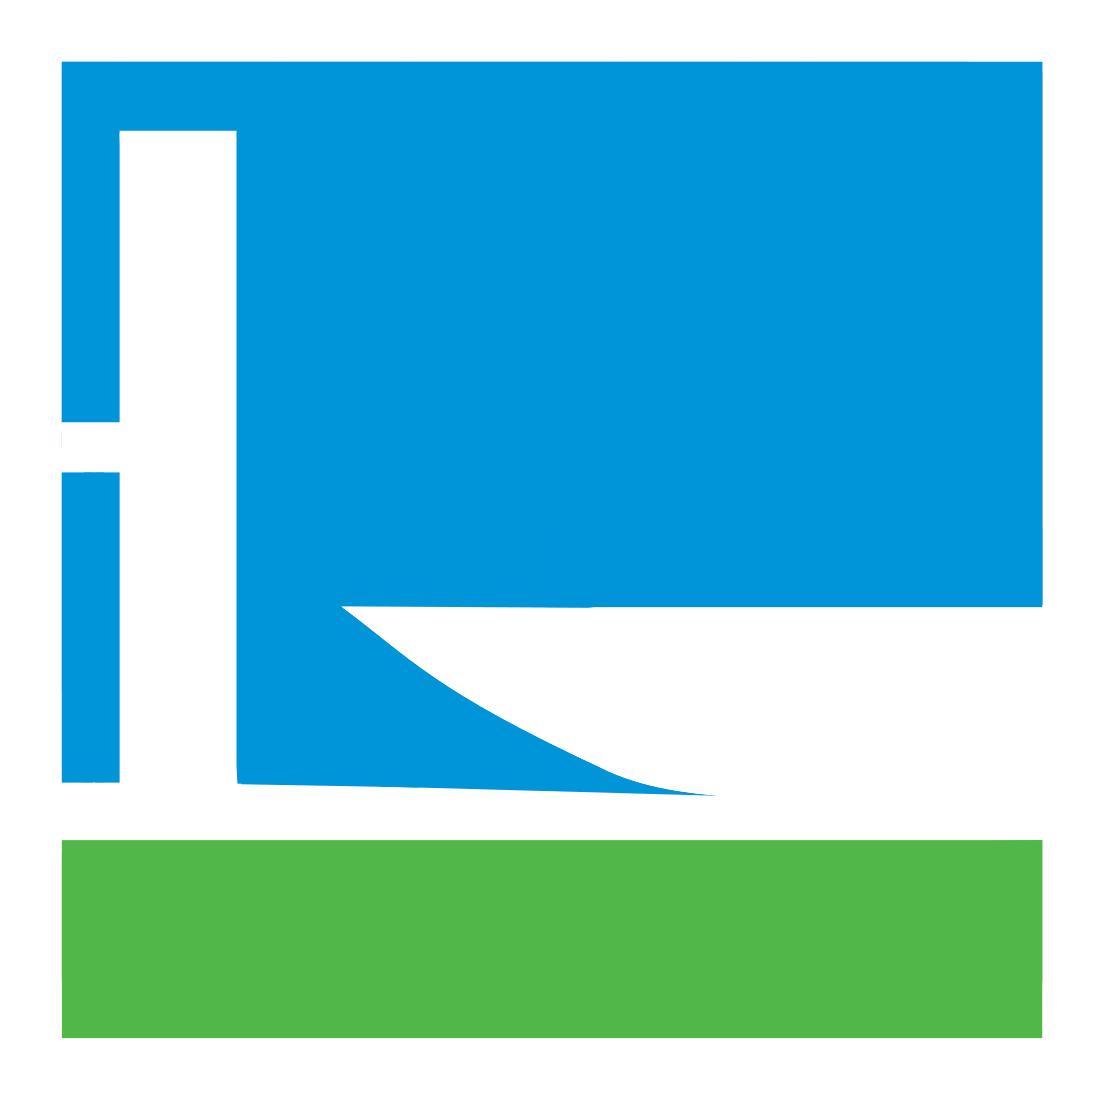 camara dos deputados logo 3 - Câmara dos Deputados Logo - Brasil